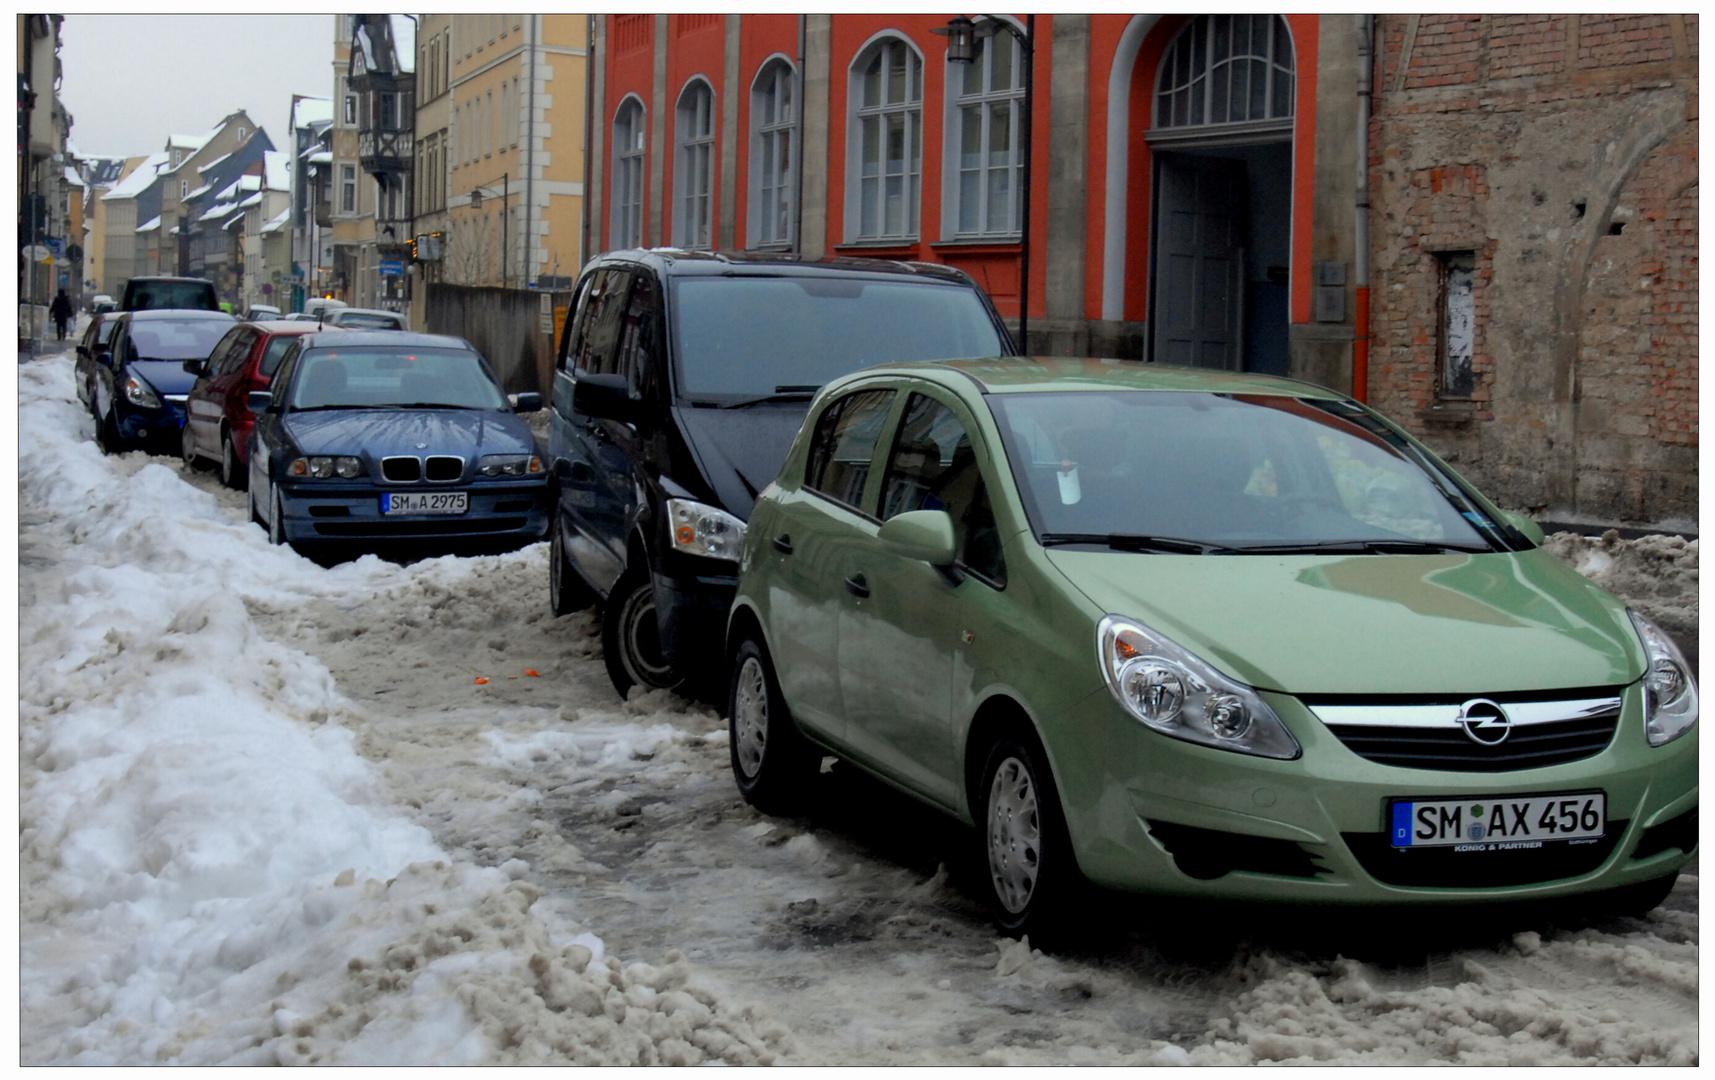 Meiningen, invierno en la ciudad (Winter in der Stadt)